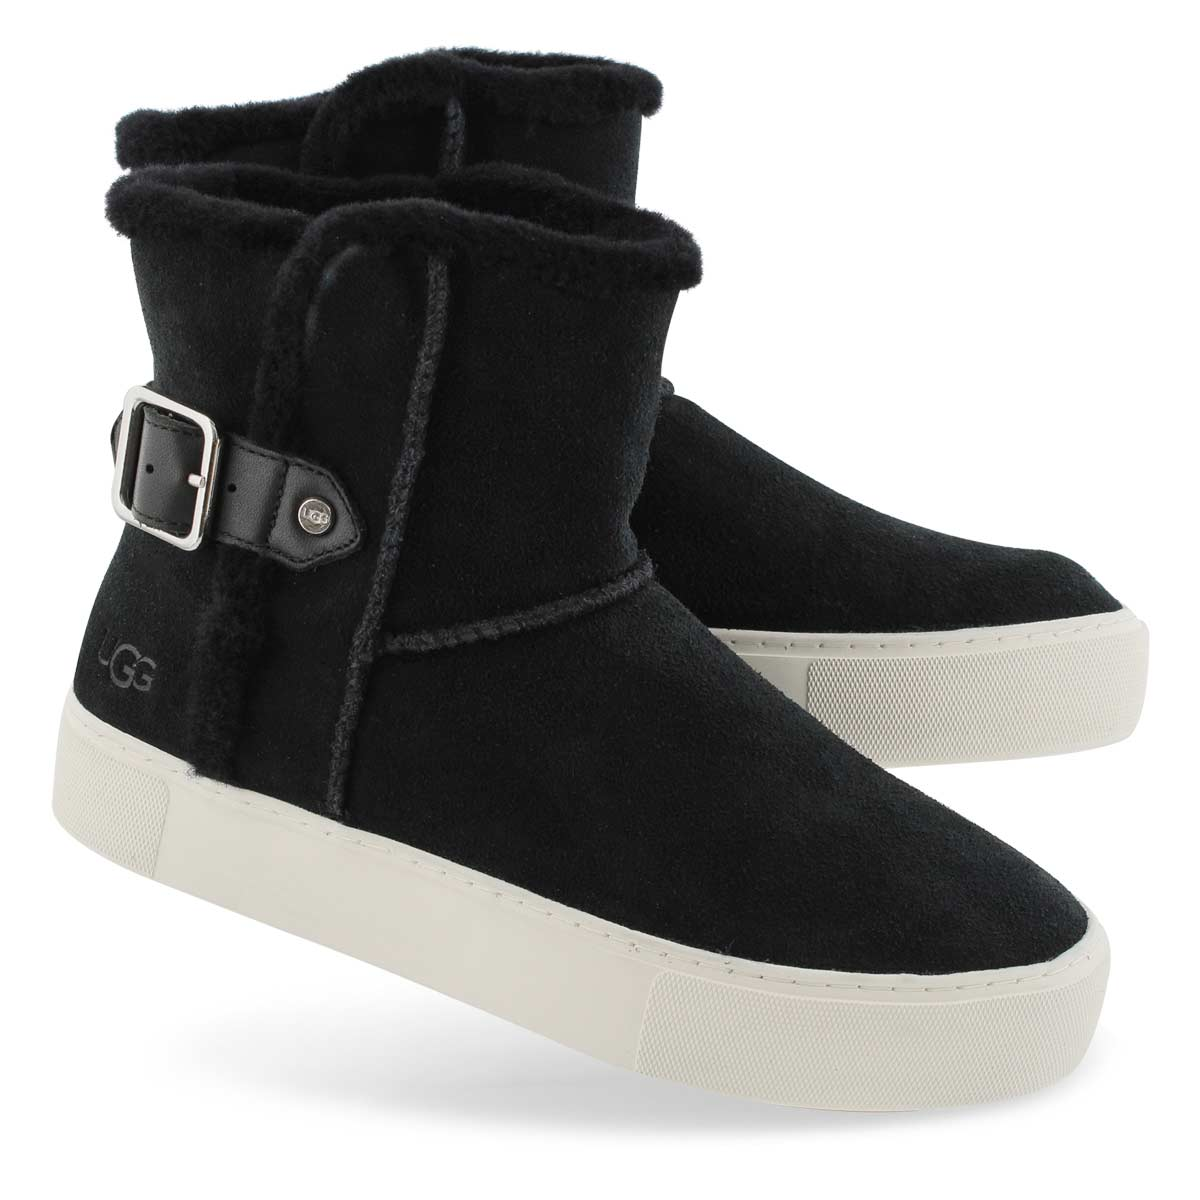 Women's AIKA BLACK slip on boot